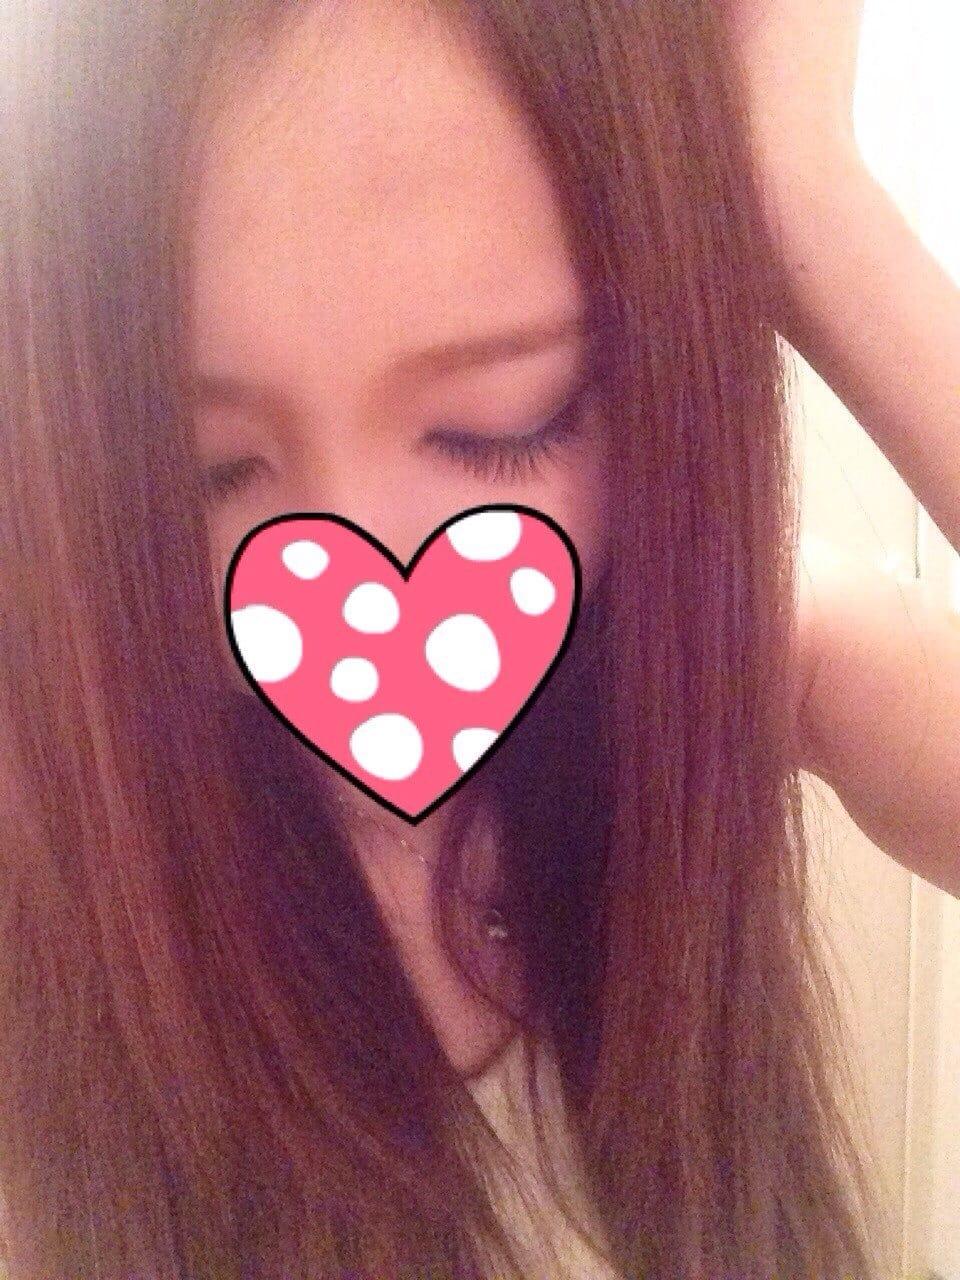 サリナ「おれいっ」12/17(日) 04:44 | サリナの写メ・風俗動画